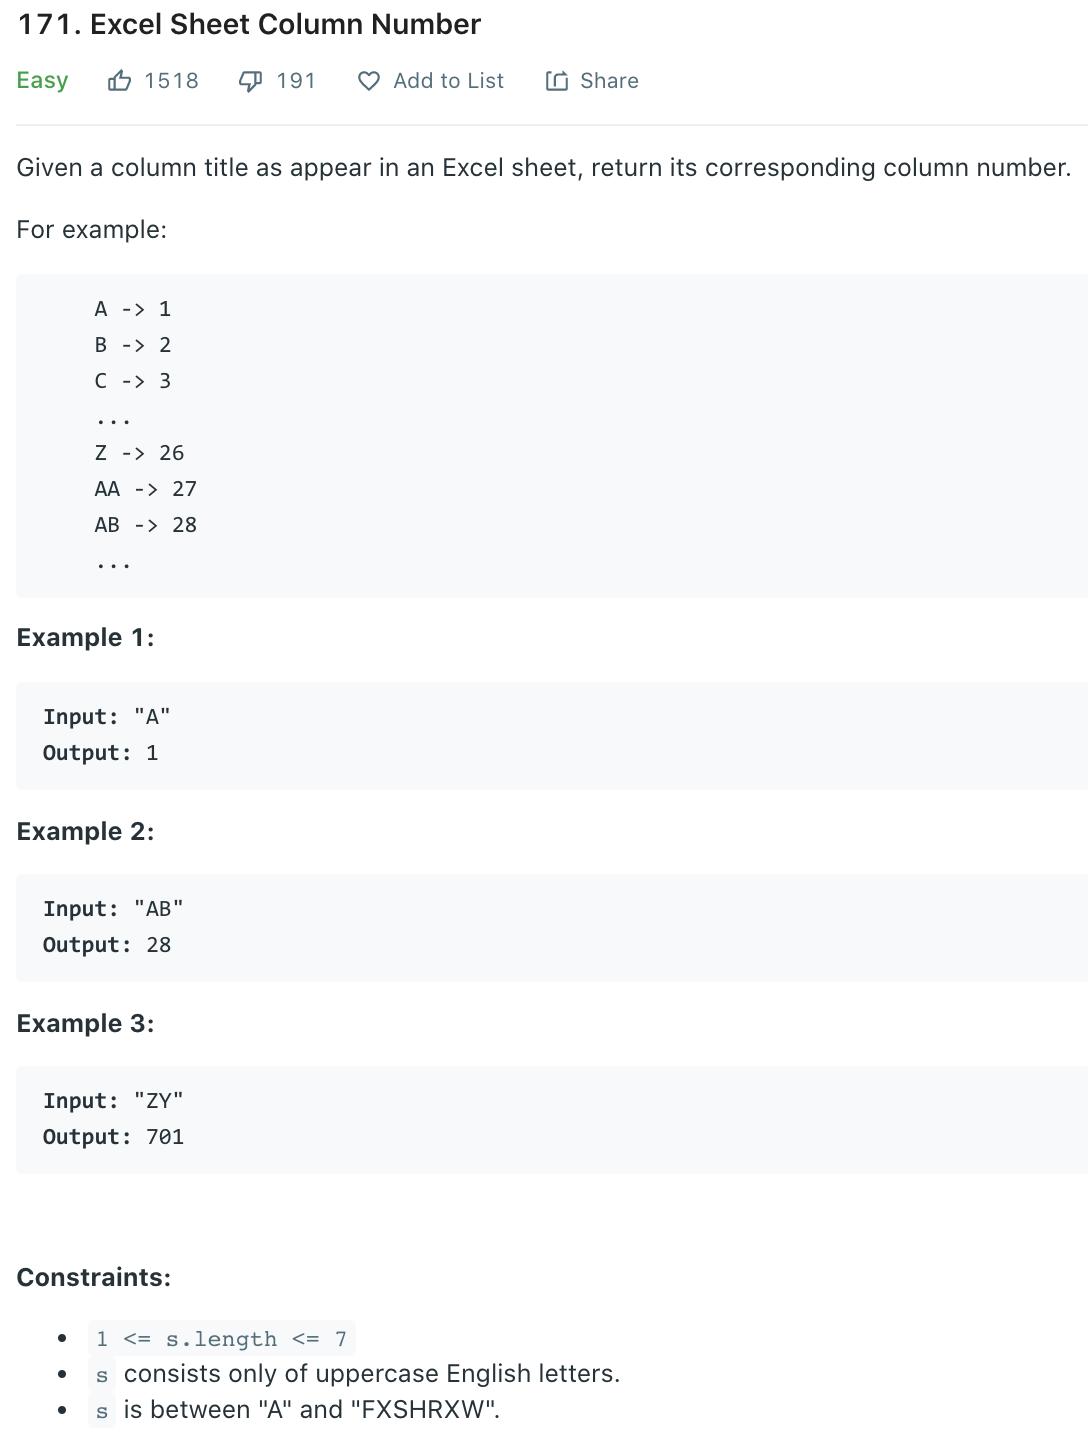 Excel Sheet Column Number